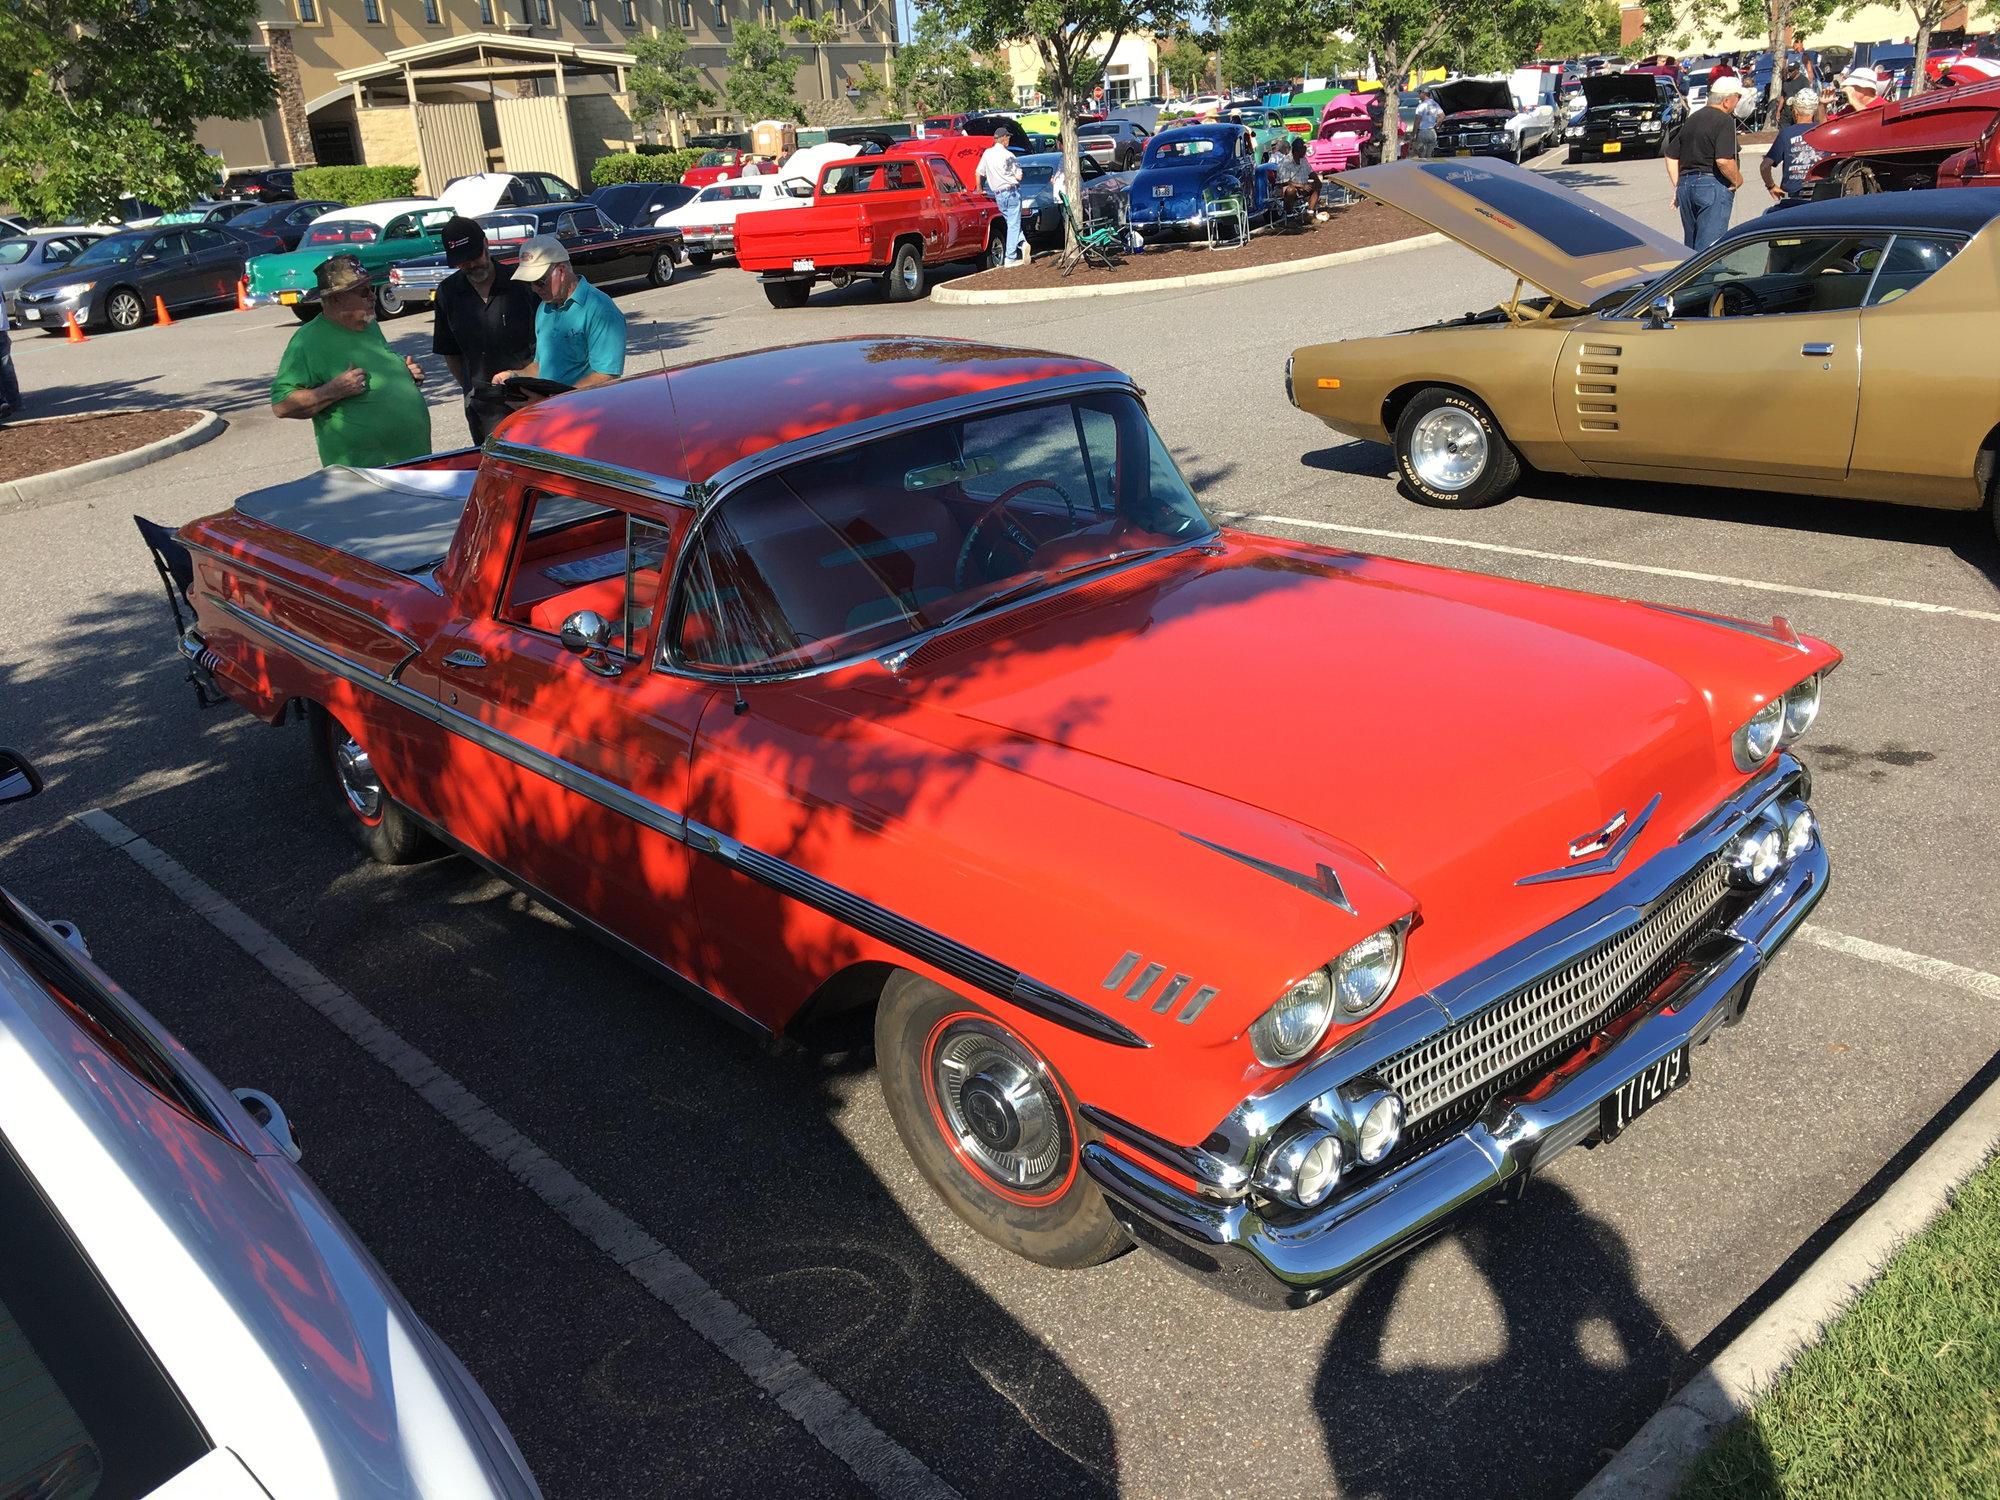 1958 El Camino - CorvetteForum - Chevrolet Corvette Forum